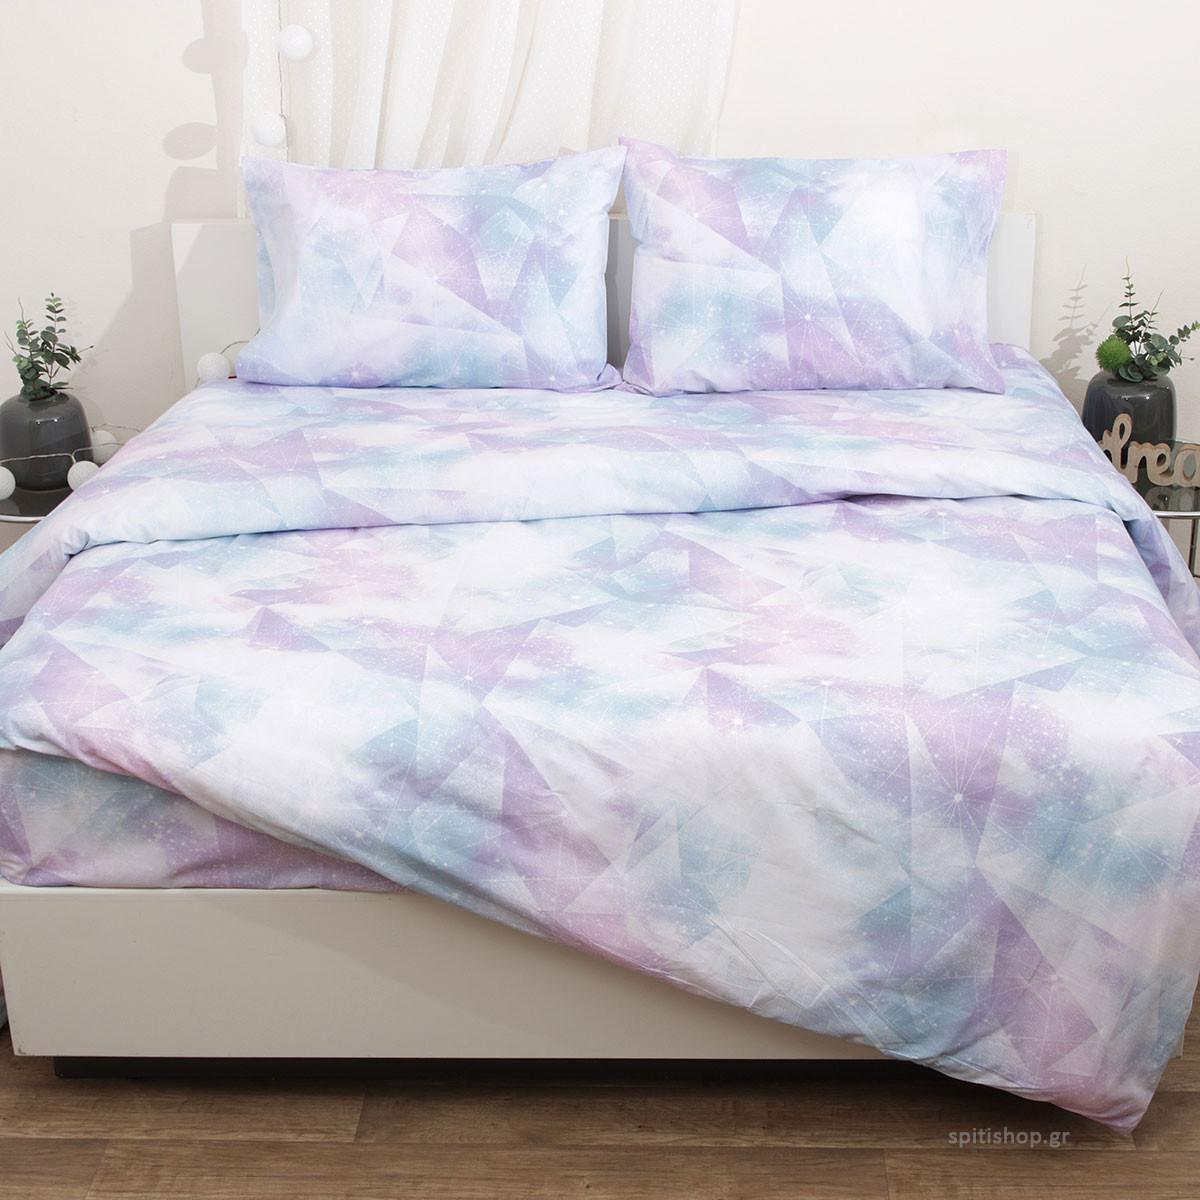 Κουβερλί Ημίδιπλο (Σετ) Viopros Fresh Γκάλαξυ home   κρεβατοκάμαρα   κουβερλί   κουβερλί ημίδιπλα   διπλά